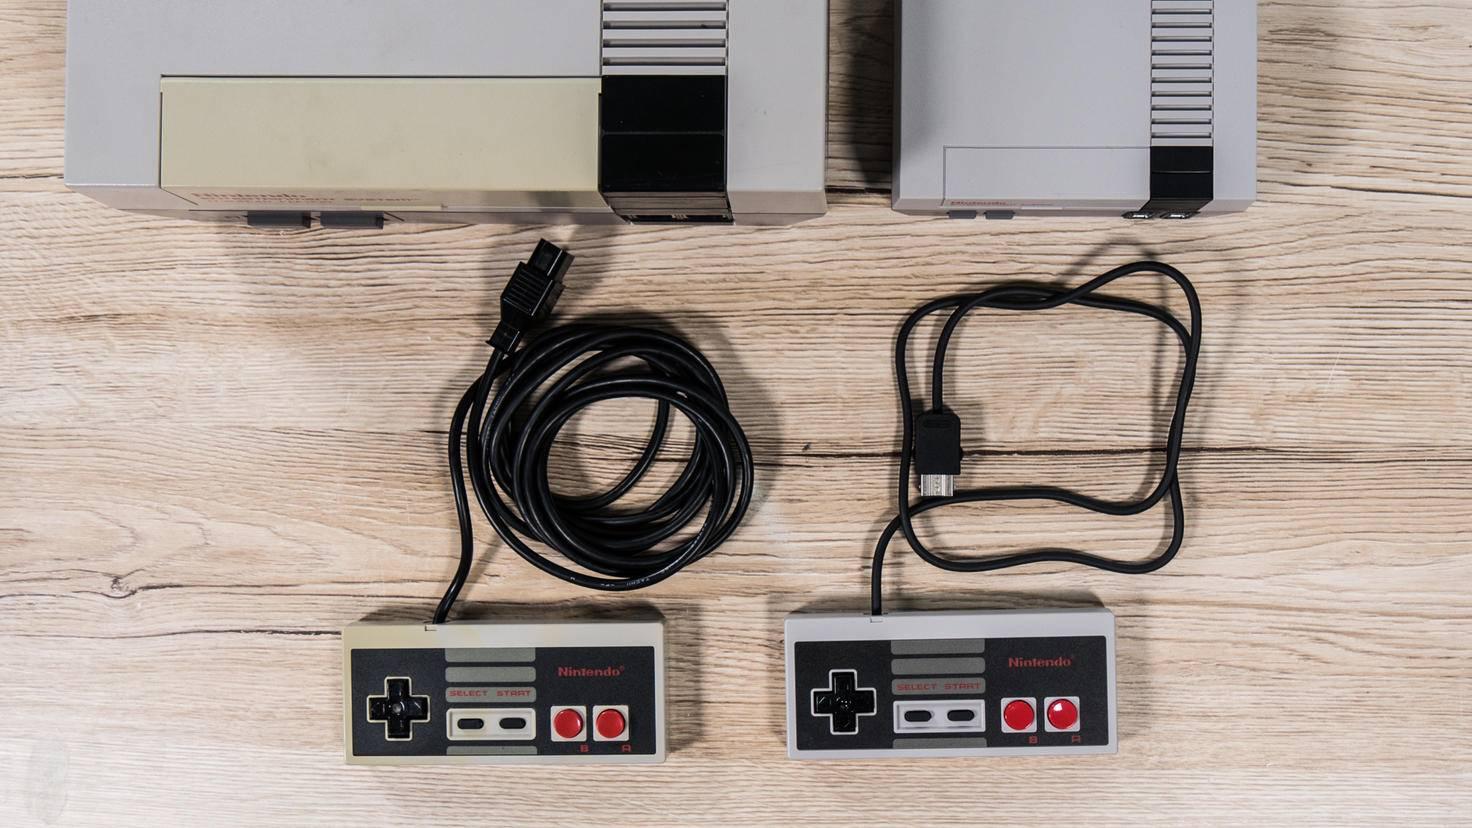 Leider hat Nintendo aber an der Kabellänge gespart, wie der Vergleich zeigt.